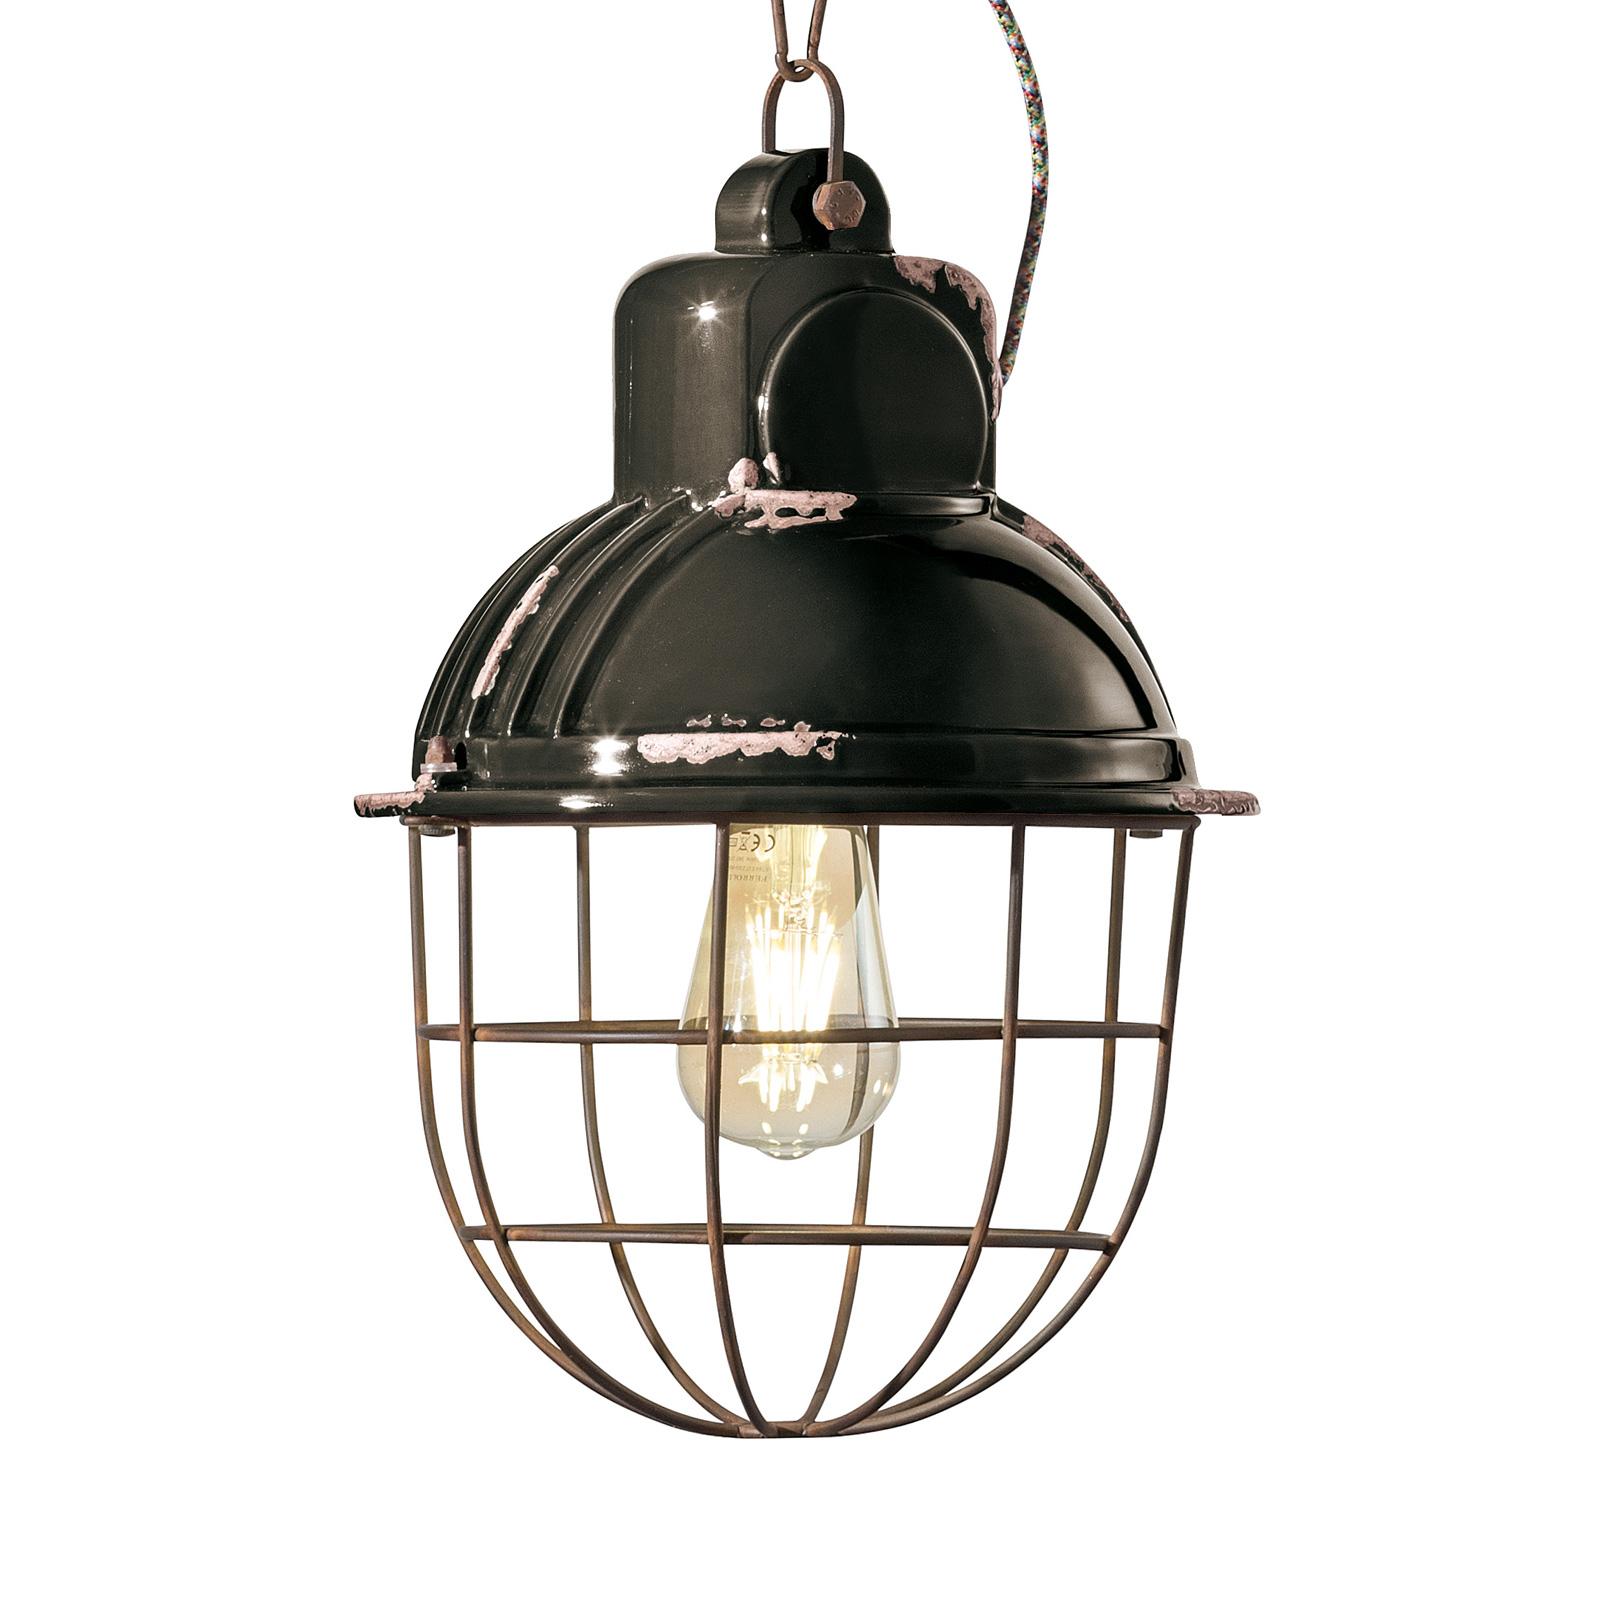 Hanglamp C1770 in industrieel ontwerp, zwart